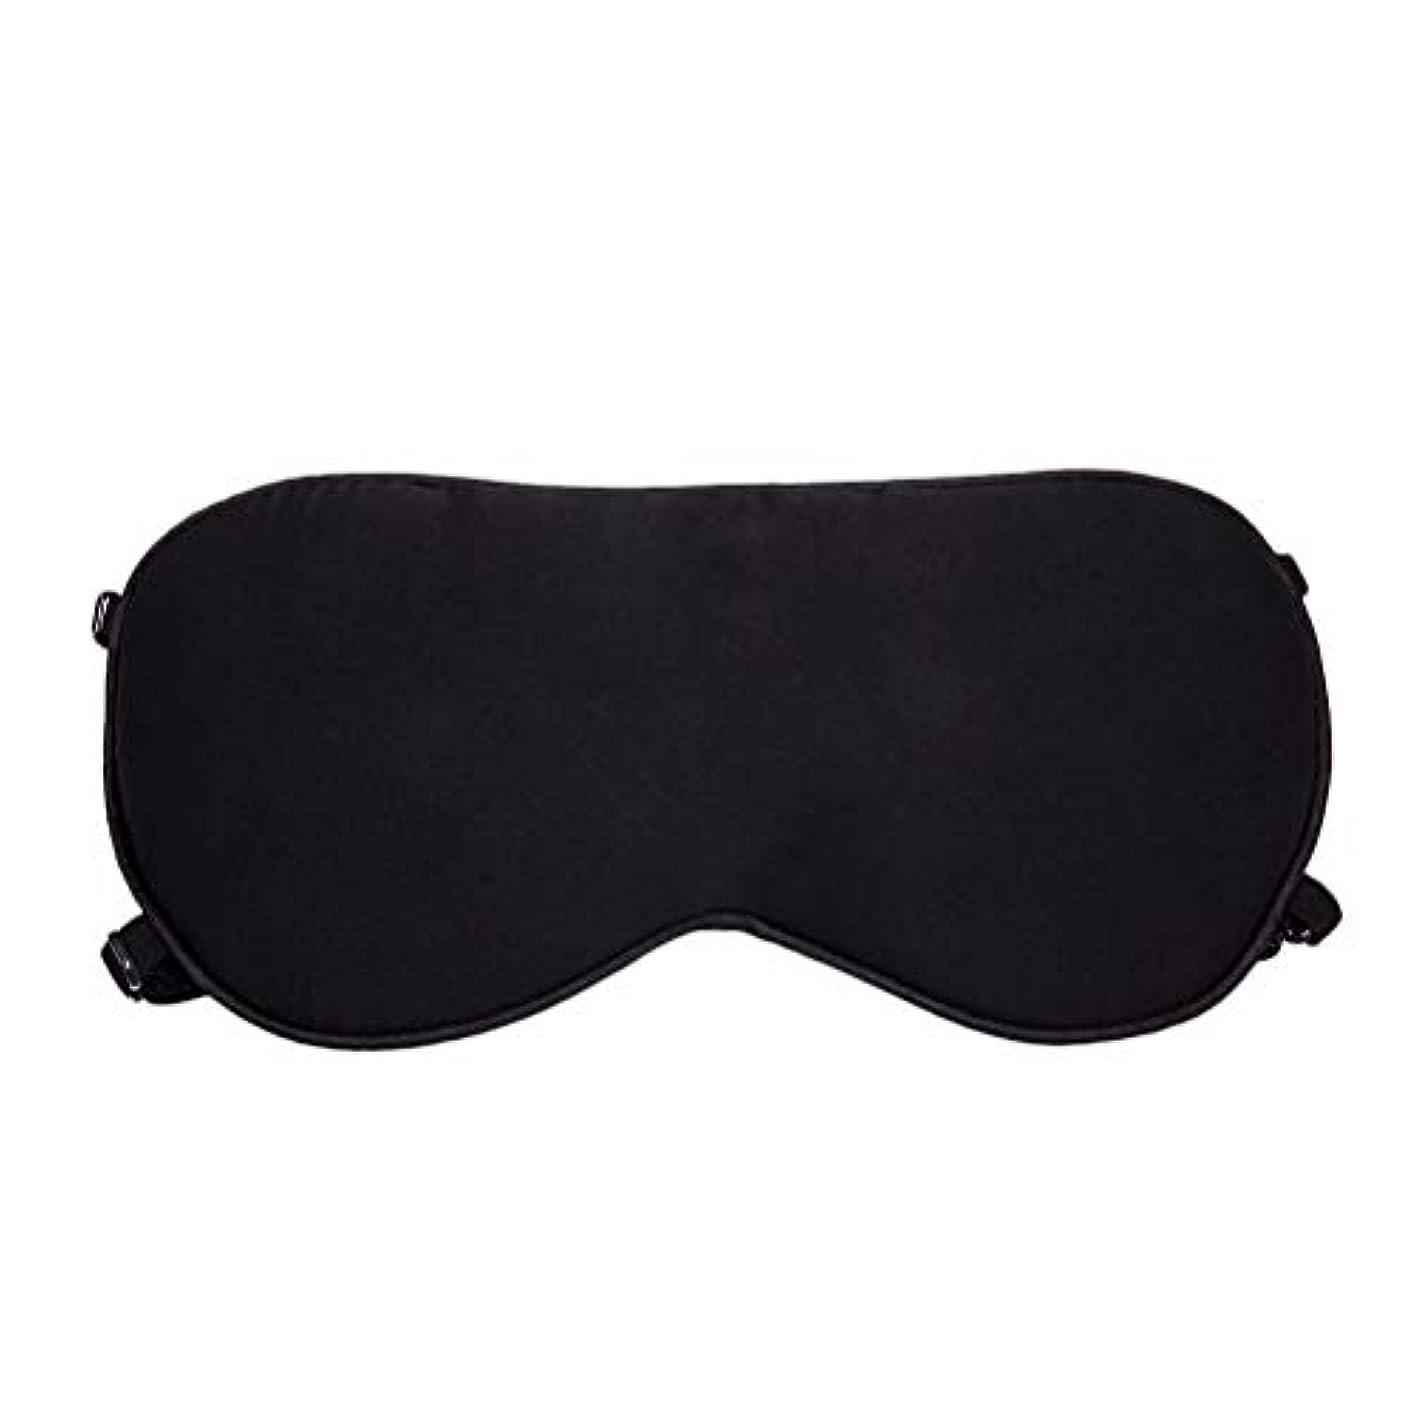 前兆嫌い放置Healifty 調節可能なストラップ付きスリープアイマスク通気性目隠しシェーディングアイパッチ(ブラック)